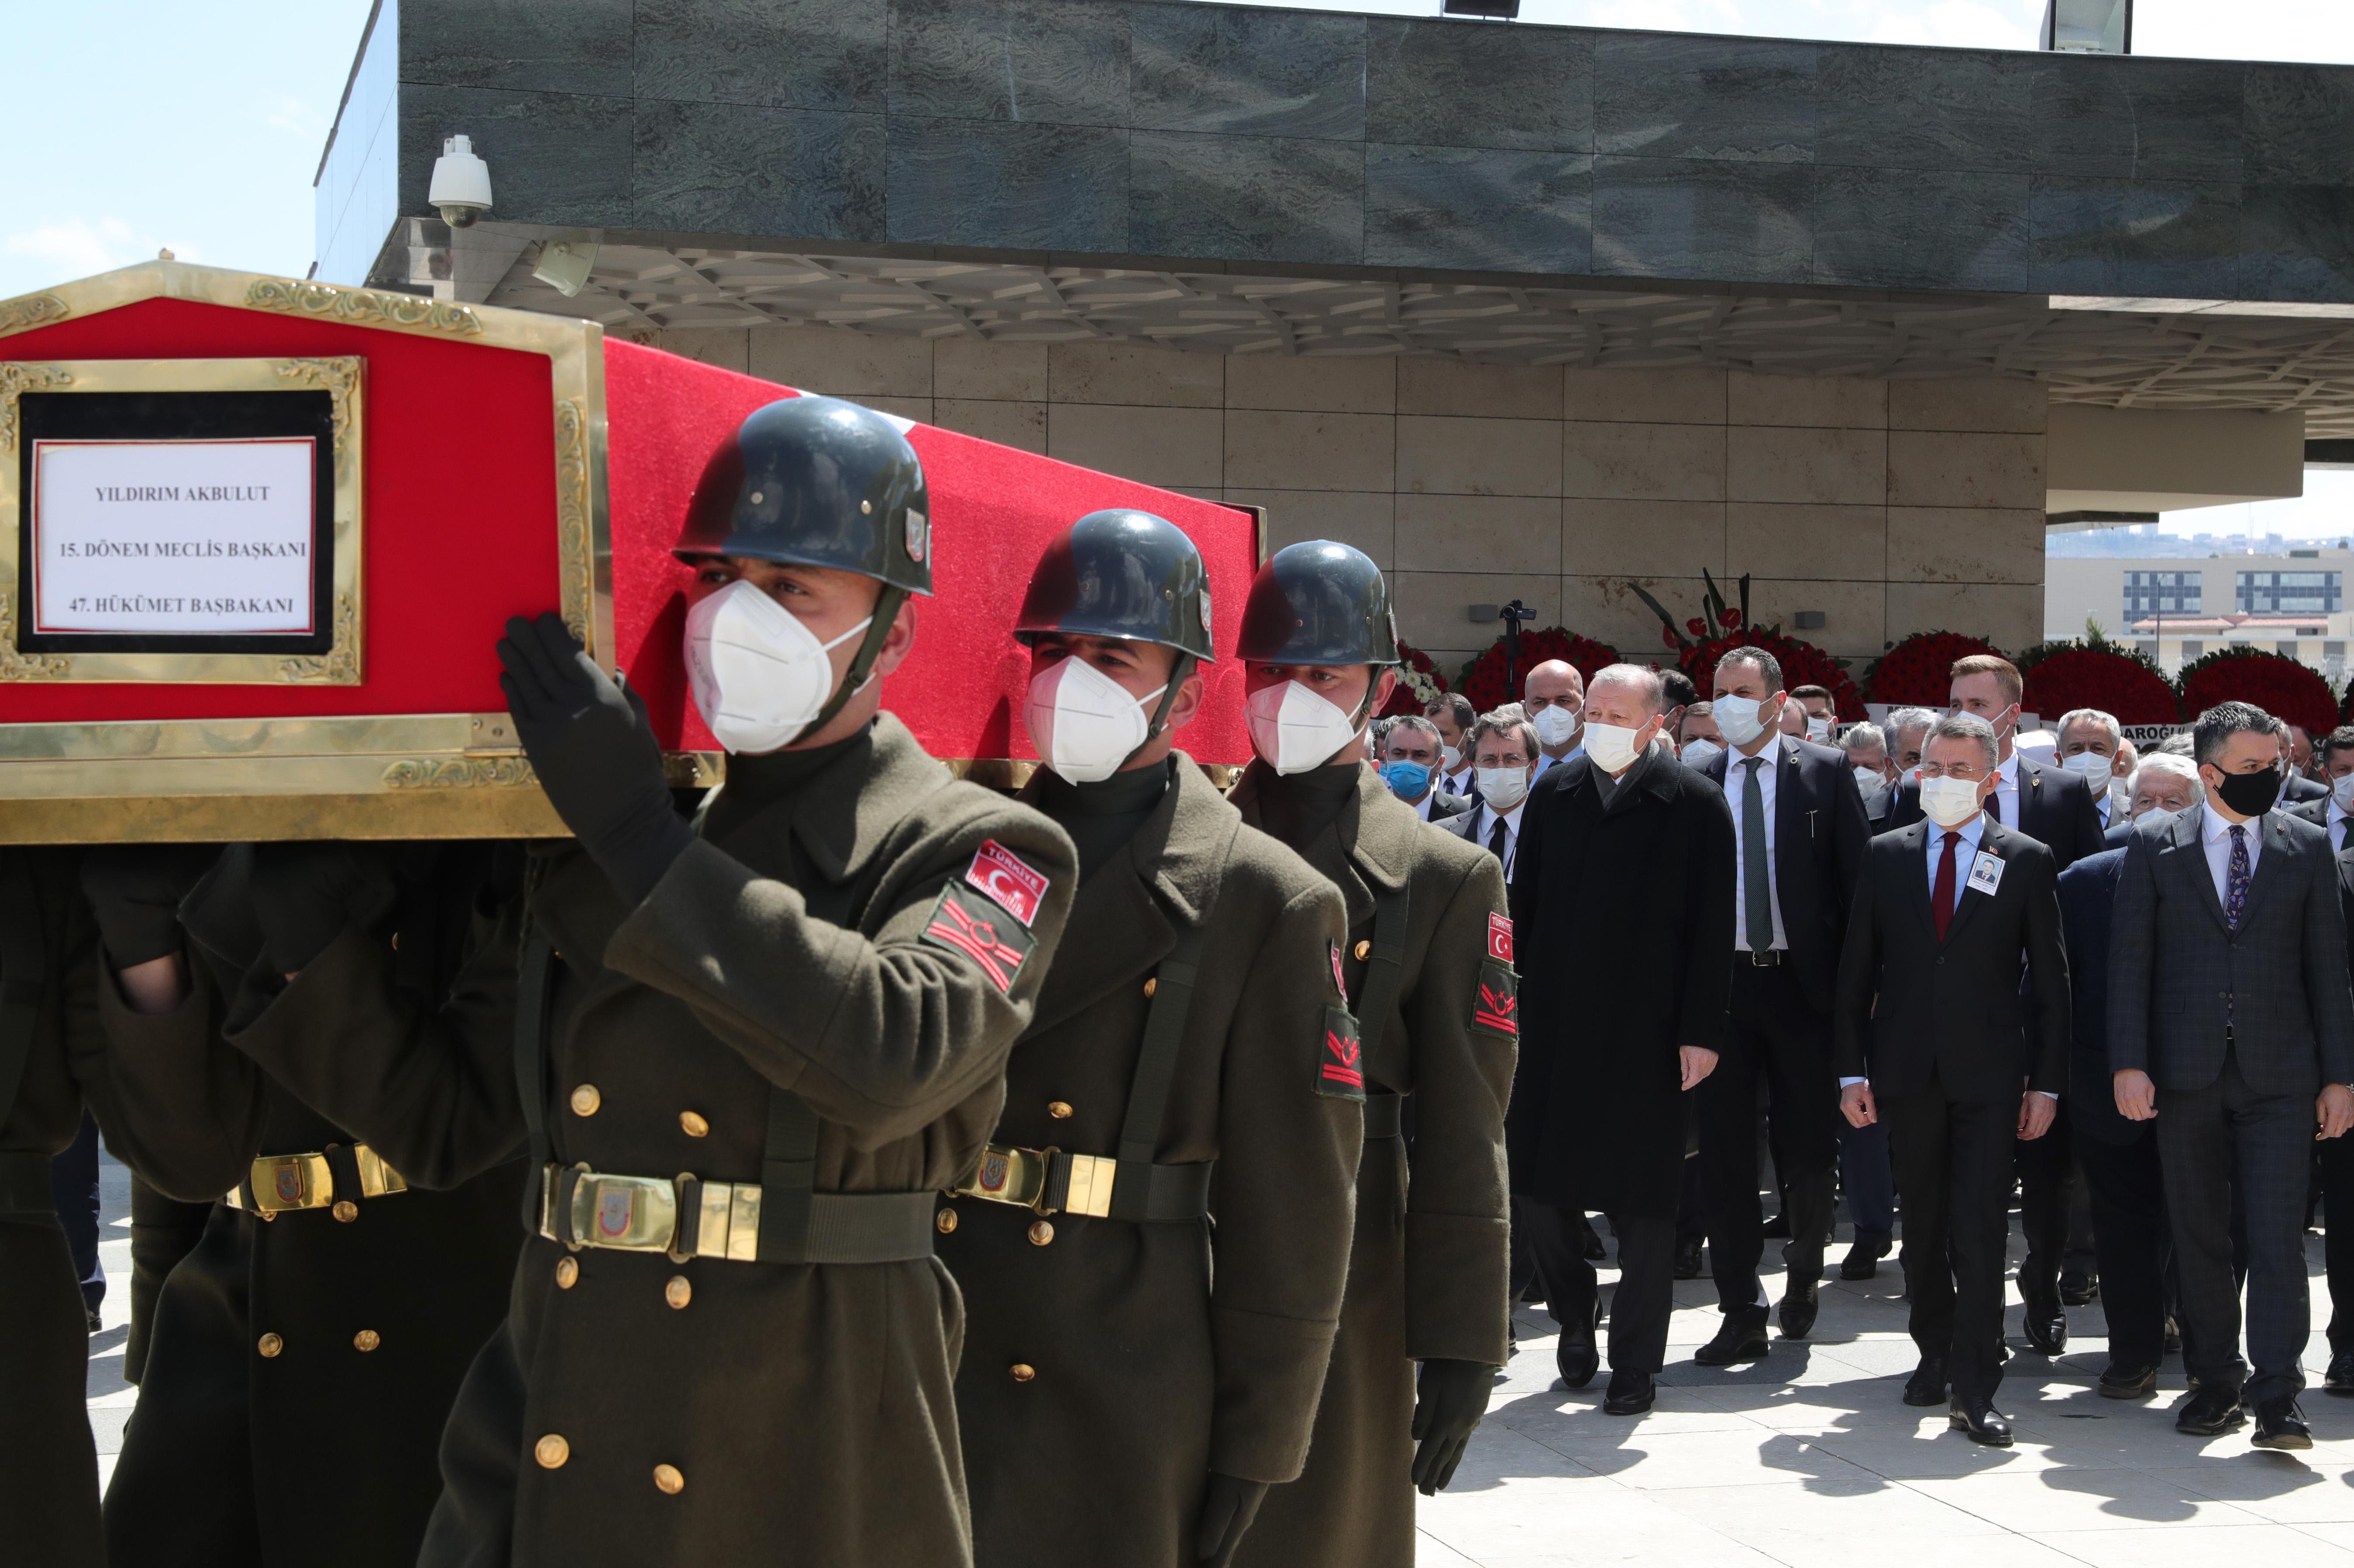 Eski başbakana son görev! Yıldırım Akbulut sonsuzluğa uğurlandı